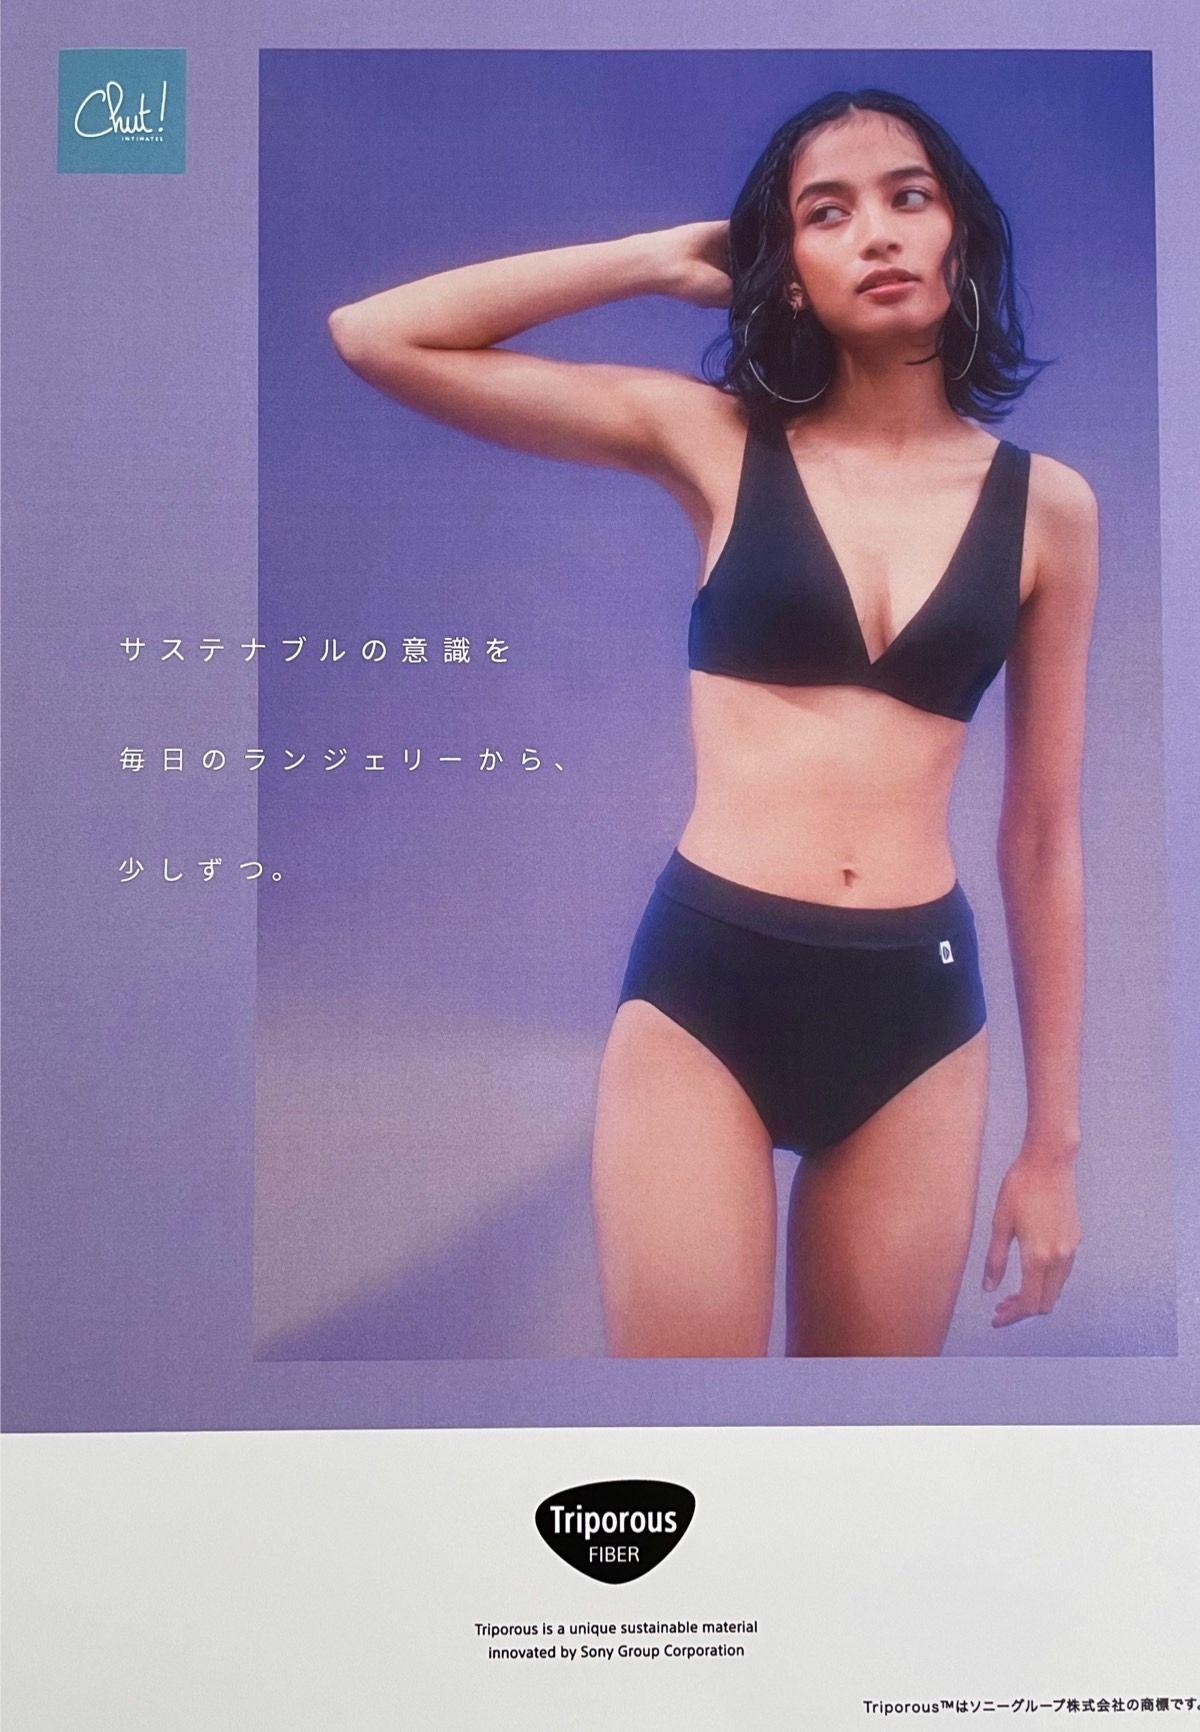 \\!新作発売!// と「インスタLIVE」のお知らせ♪【ジェイアール名古屋タカシマヤ店】の写真